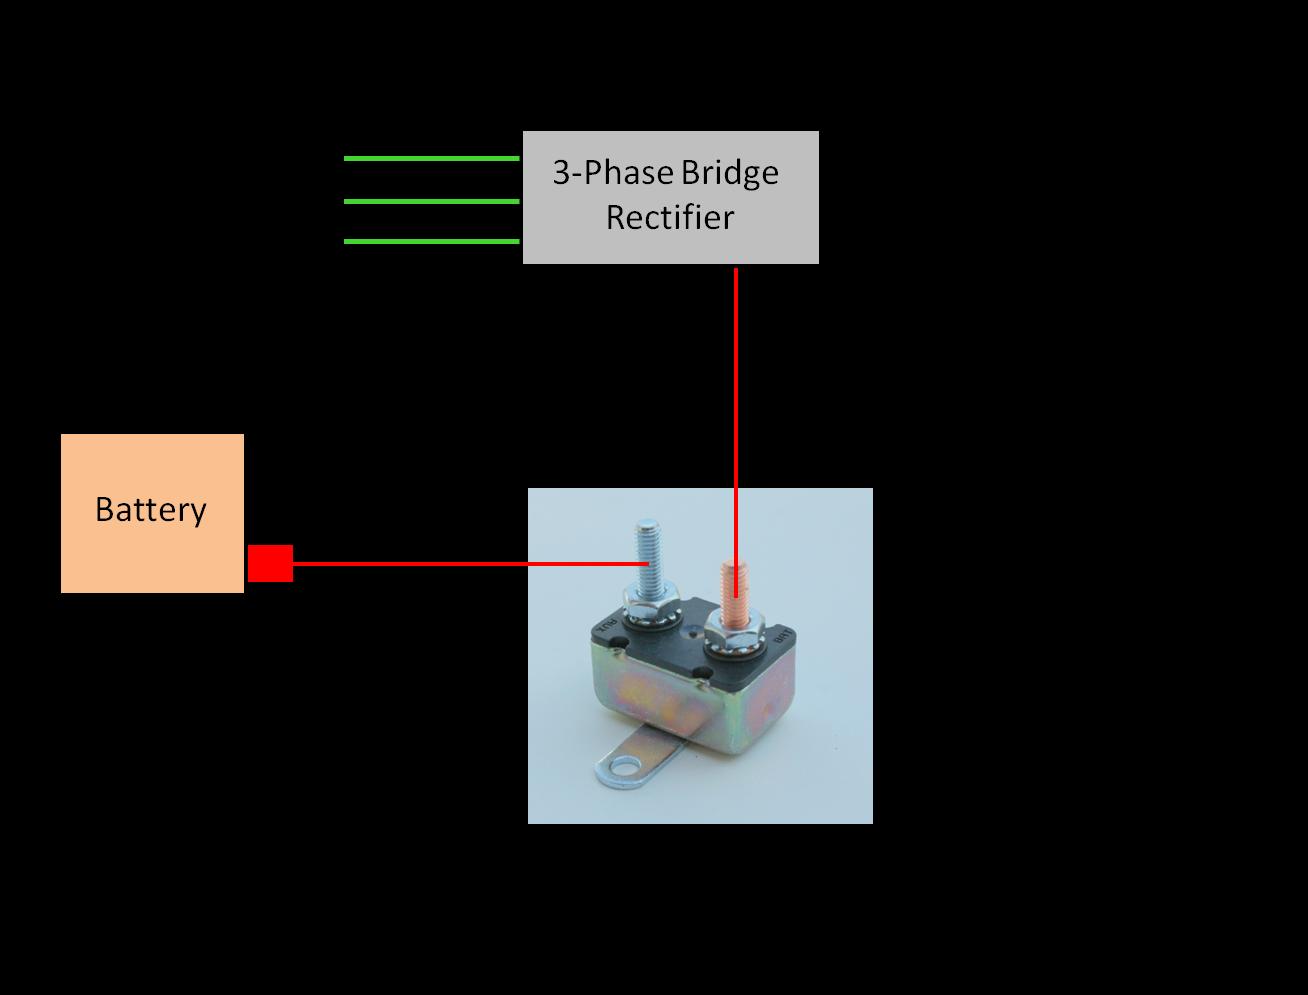 Diagram Simple Auto Wiring Diagram 12v Full Version Hd Quality Diagram 12v Uwiringx18 Locandadossello It